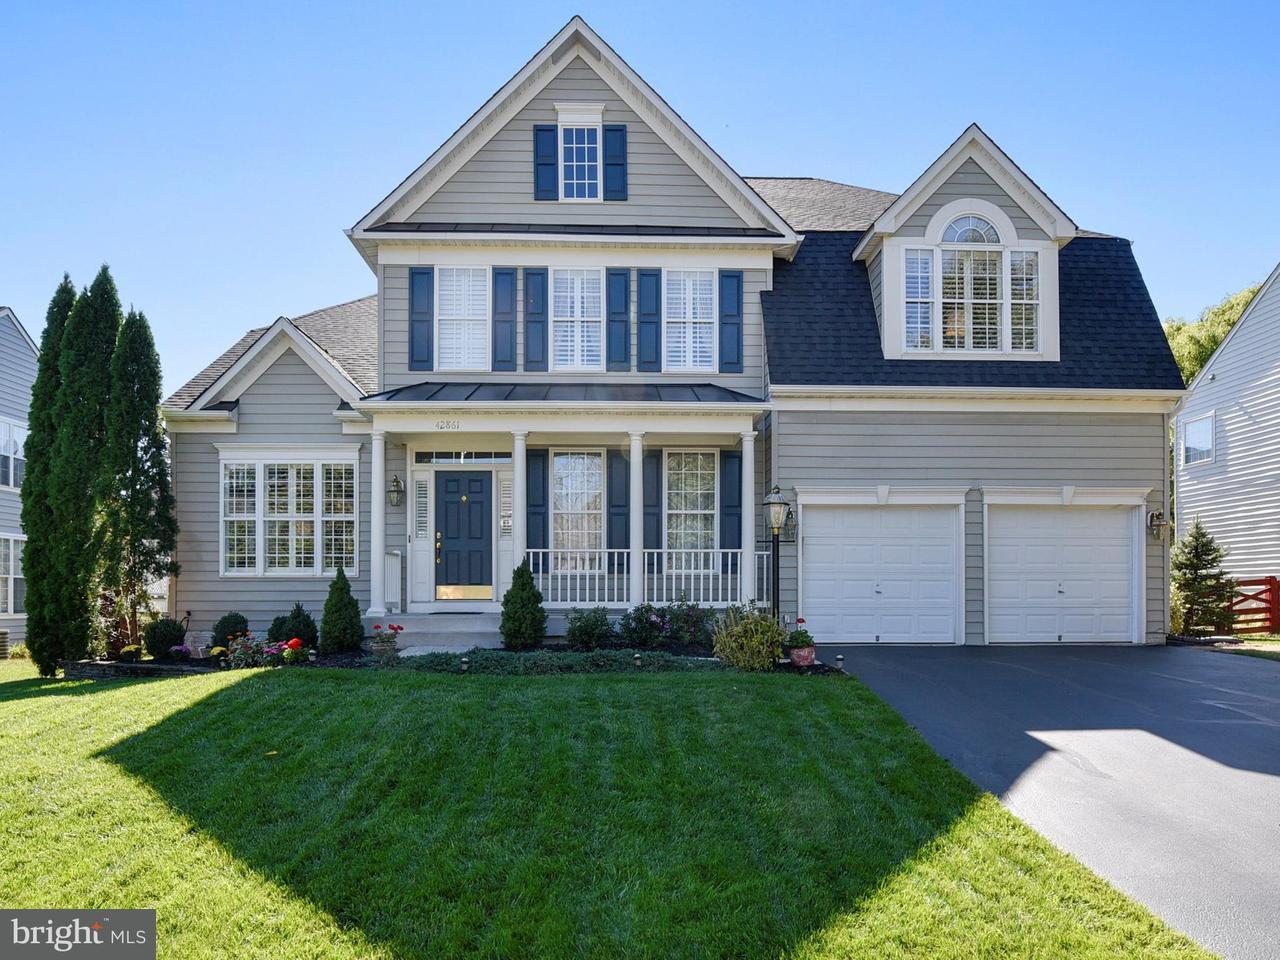 Casa Unifamiliar por un Venta en 42861 VESTALS GAP Drive 42861 VESTALS GAP Drive Broadlands, Virginia 20148 Estados Unidos